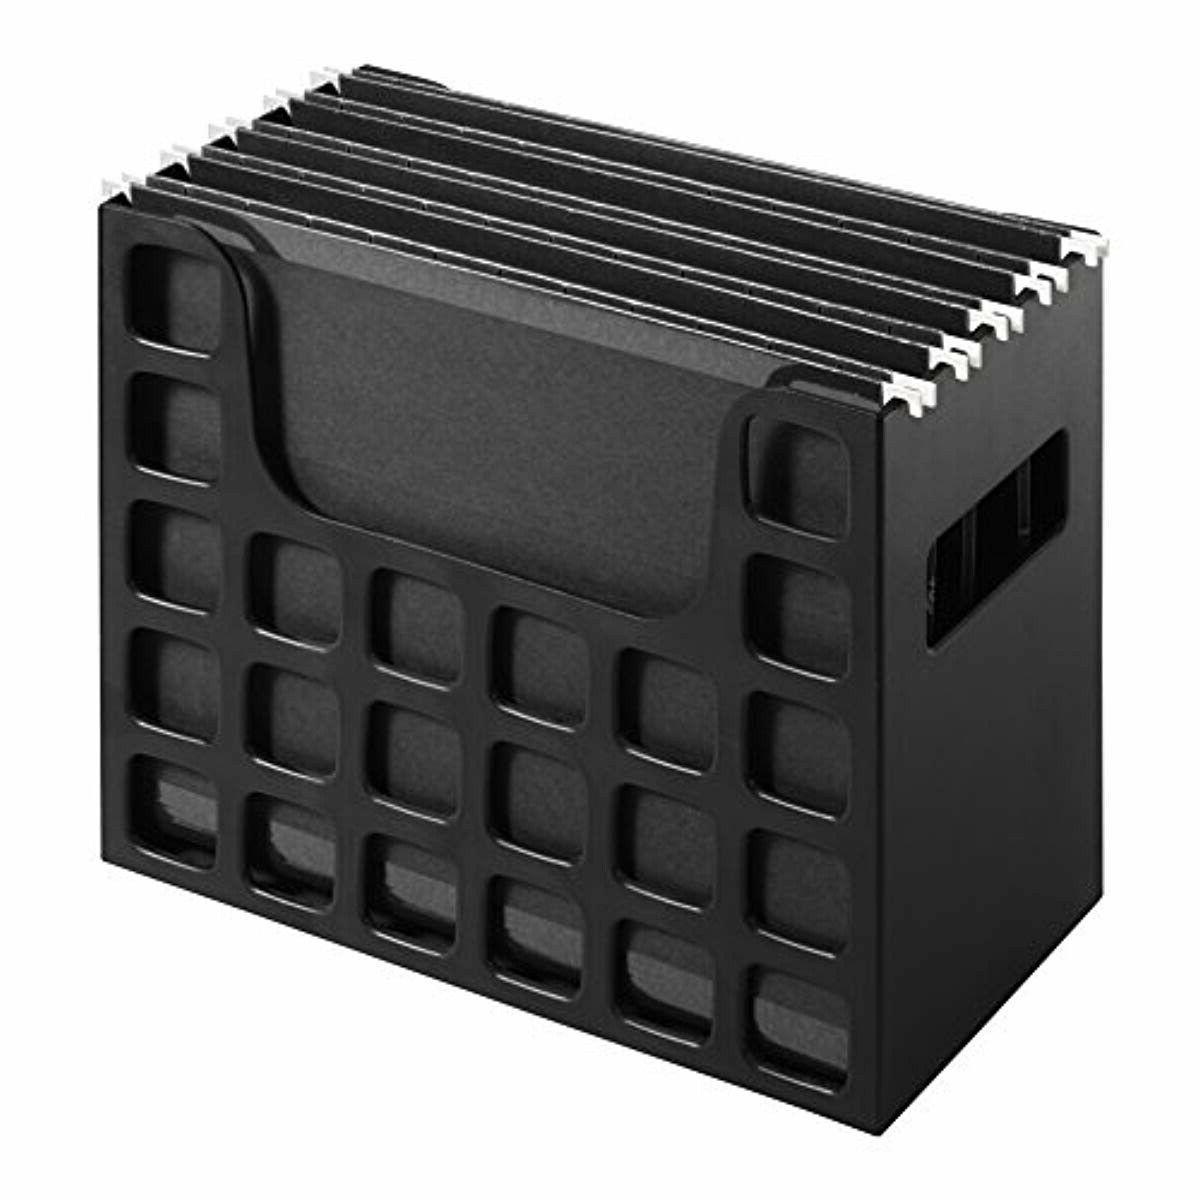 Desktop Holder Size File Box